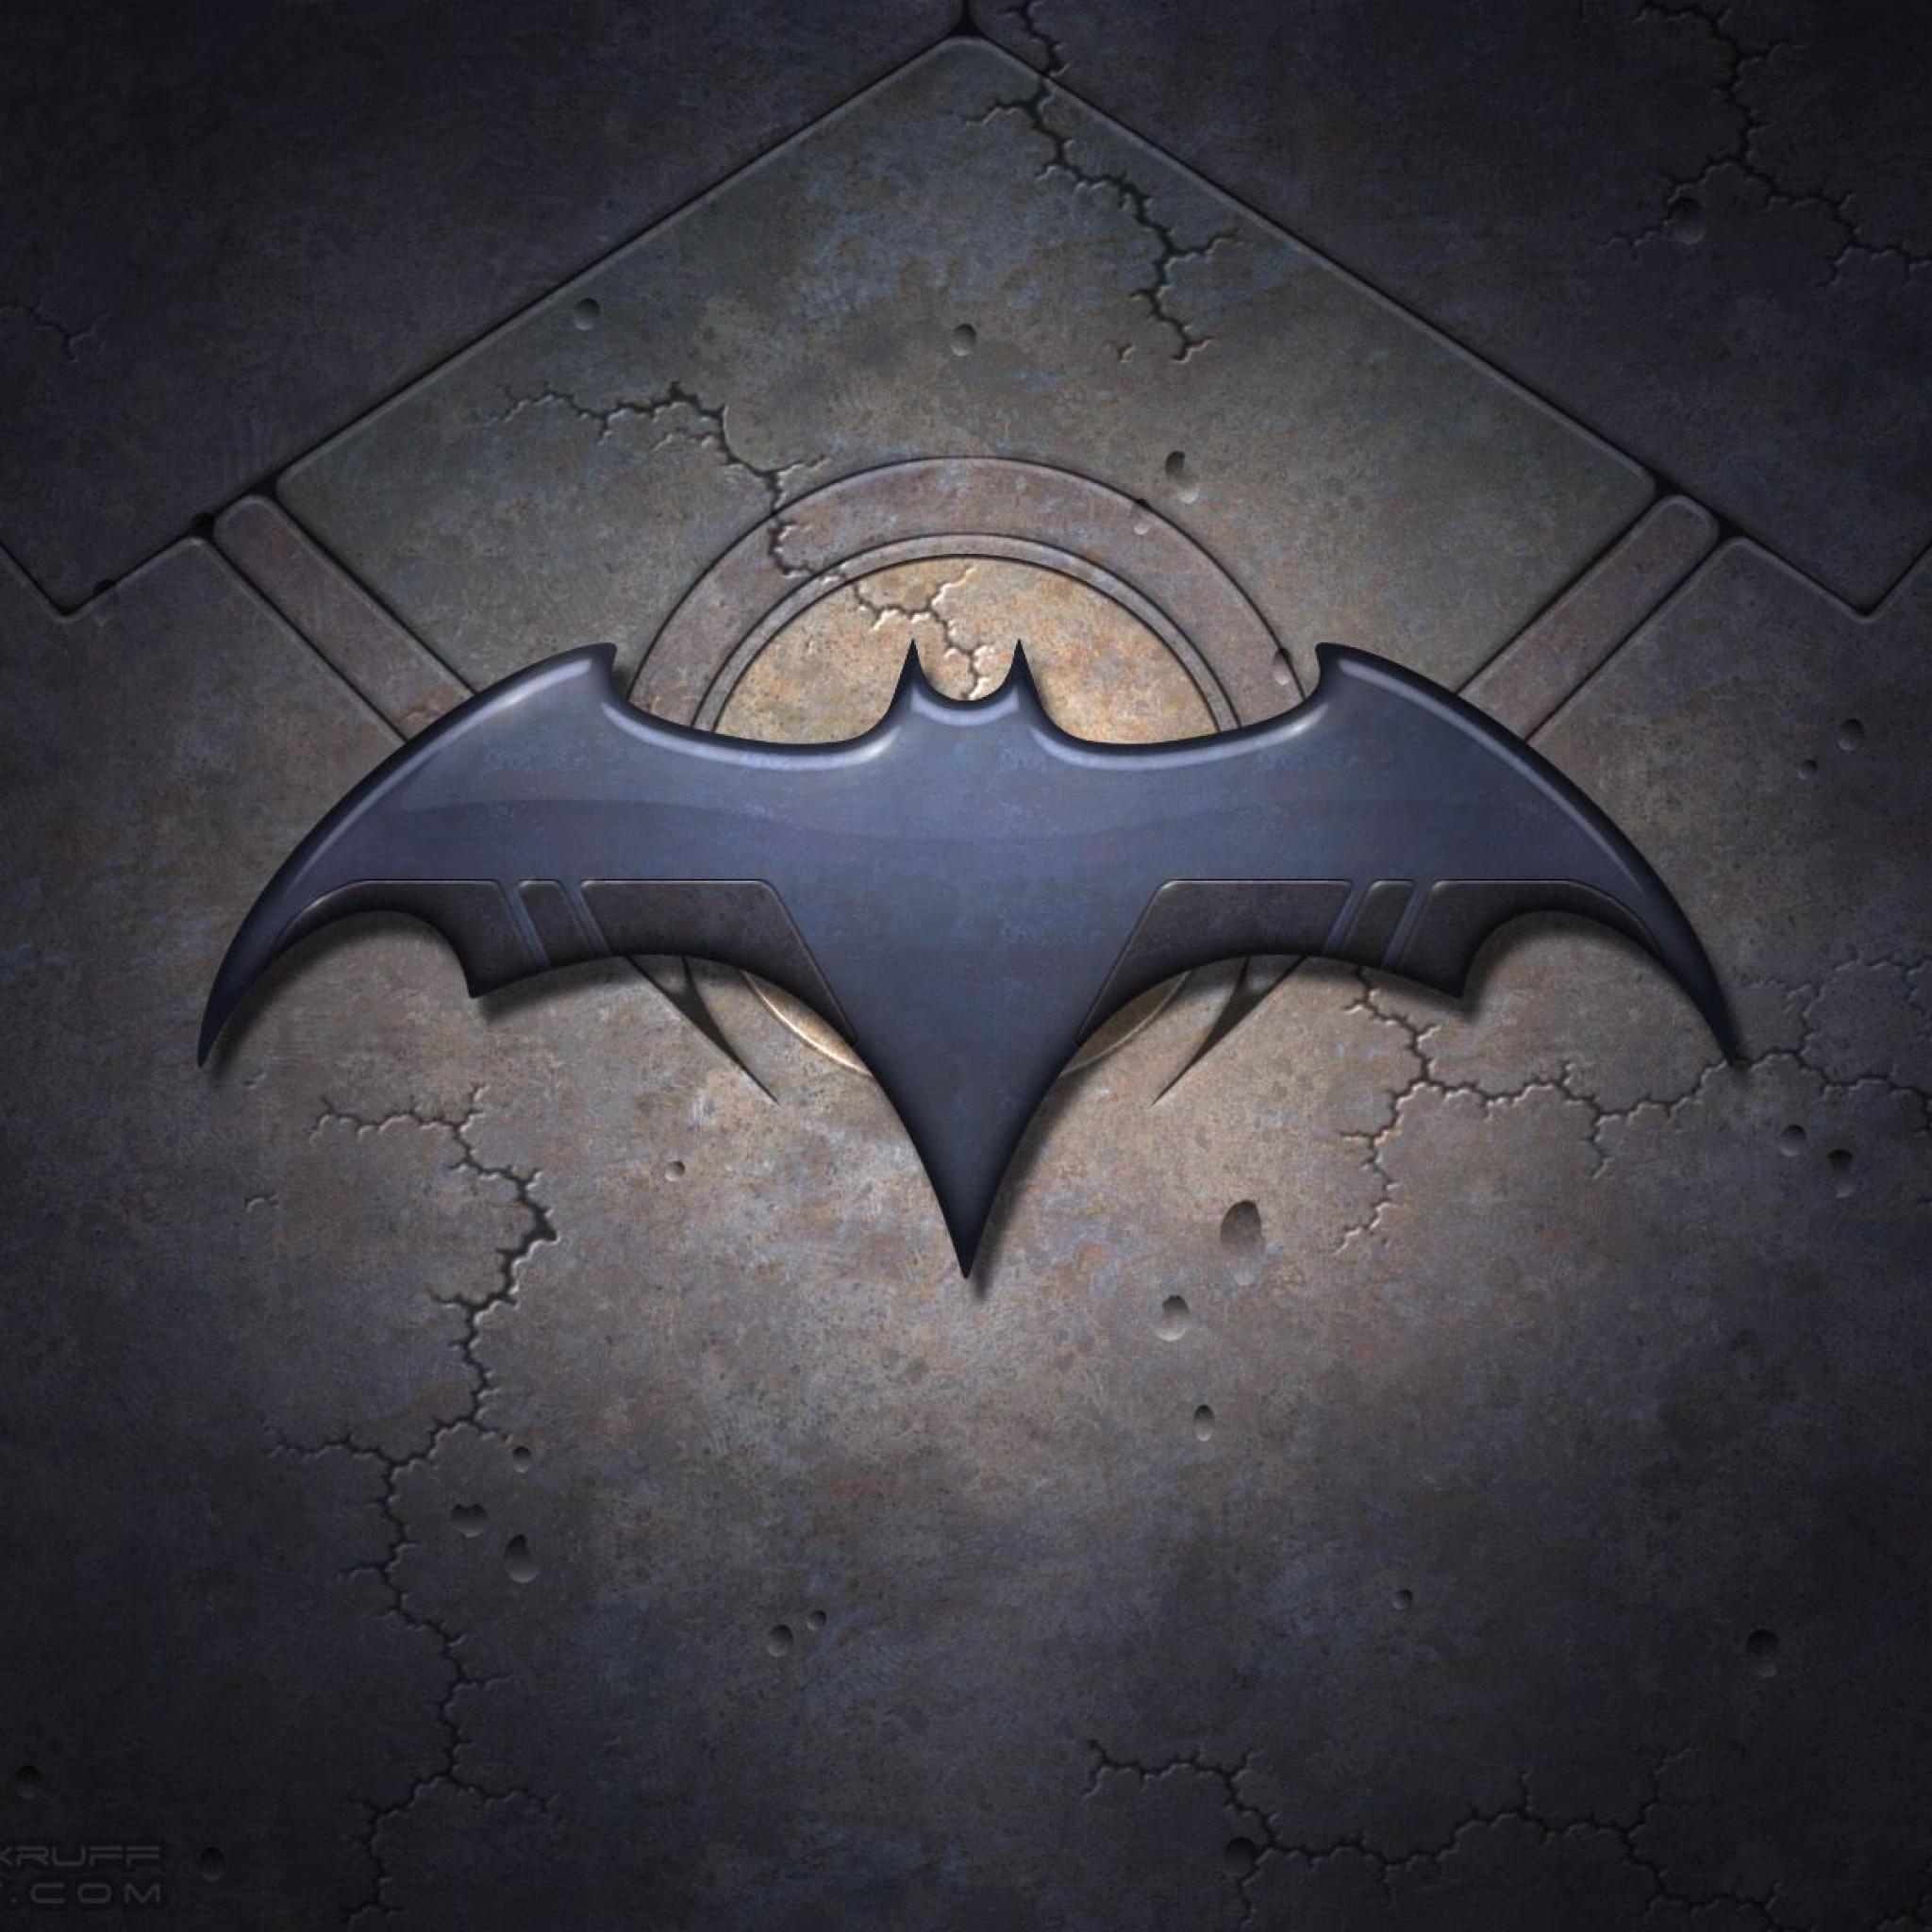 Kinzoku Bat Hd Wallpaper: Batman Wallpaper For IPad